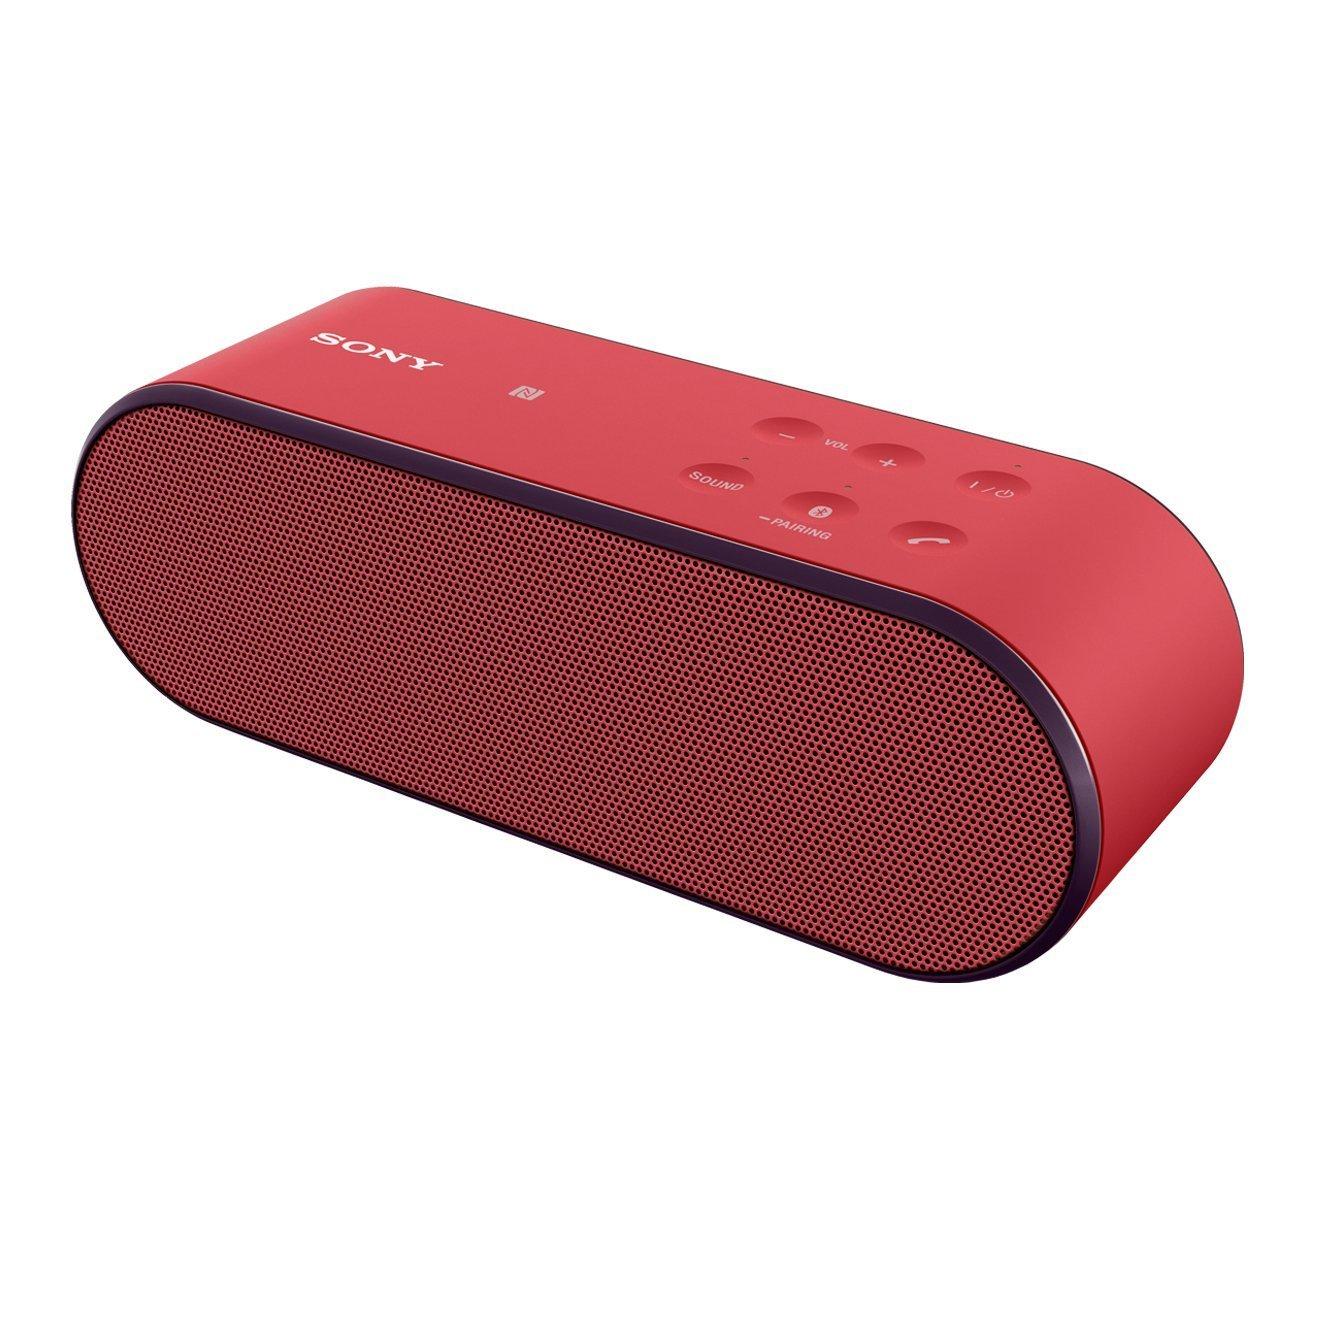 Głośnik bezprzewodowy SONY SRS-X2 czerwony @ Amazon.co.uk